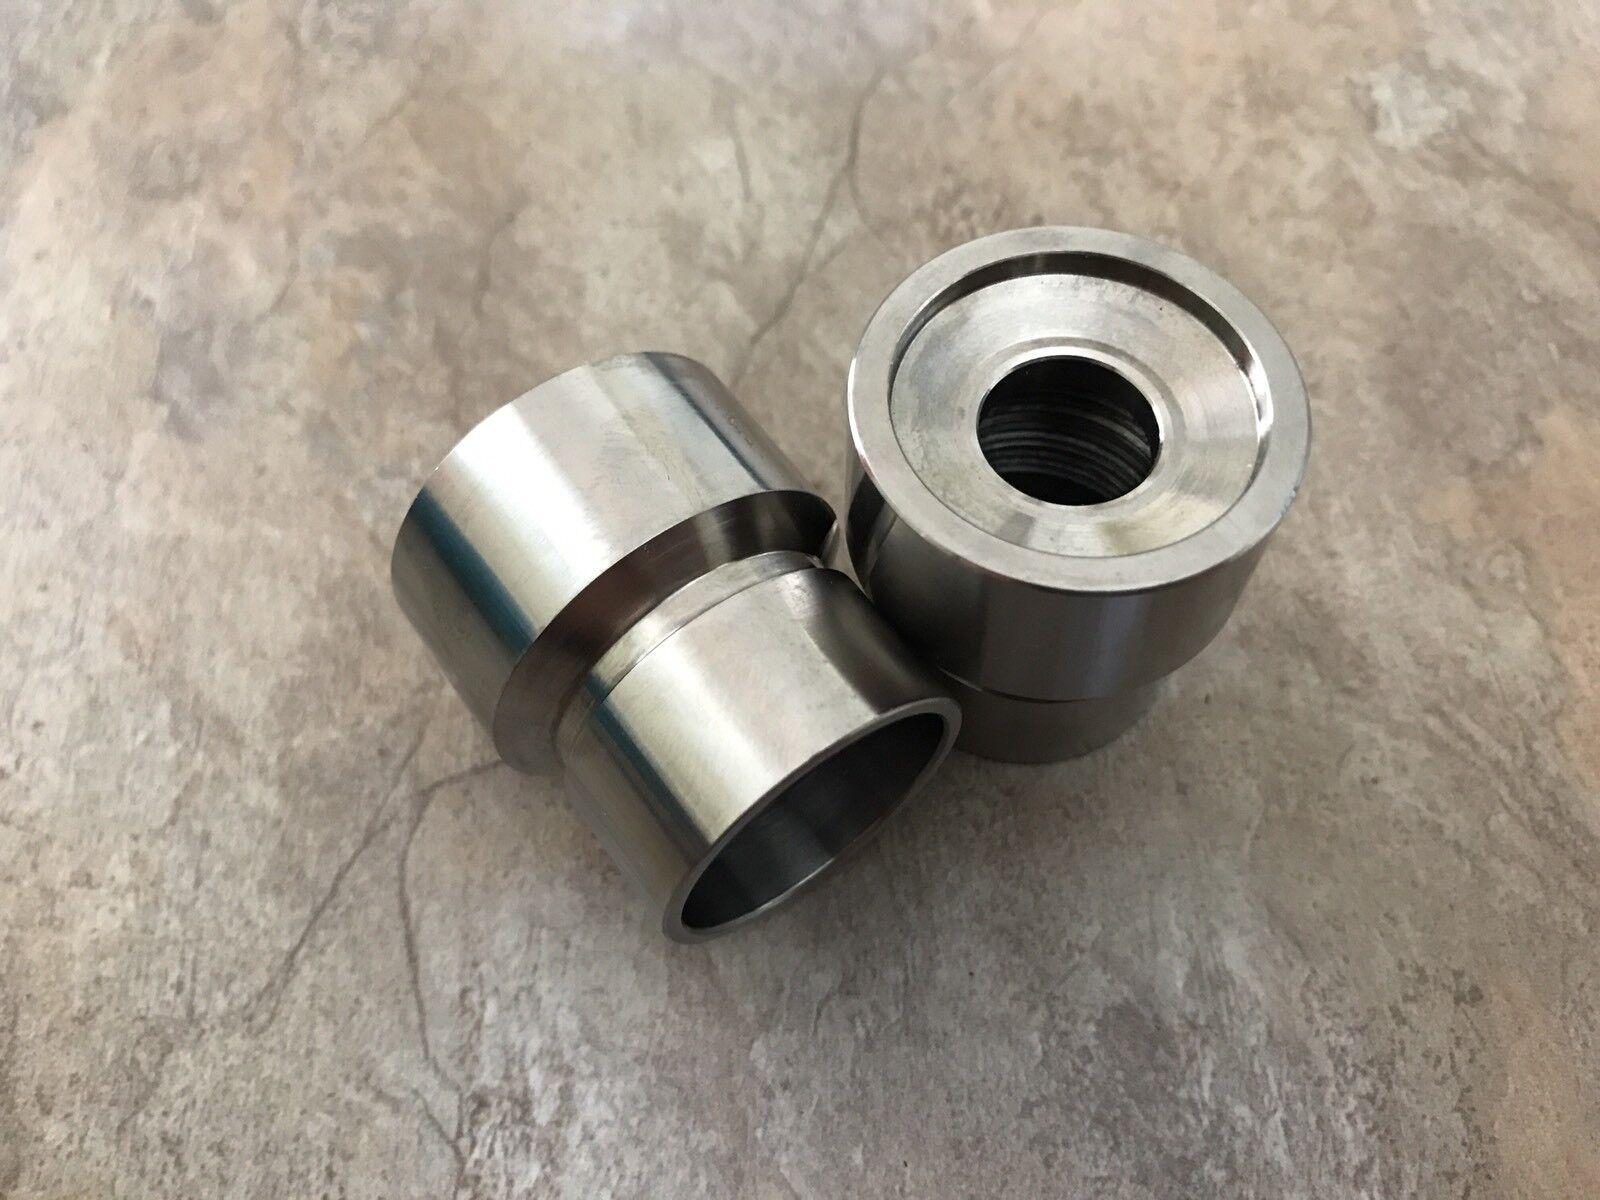 Titanium Tailcap Z41 Größe Fat Tailcap Titanium - Surfire 6P Z2 C2 SW01 SW02 6f5031